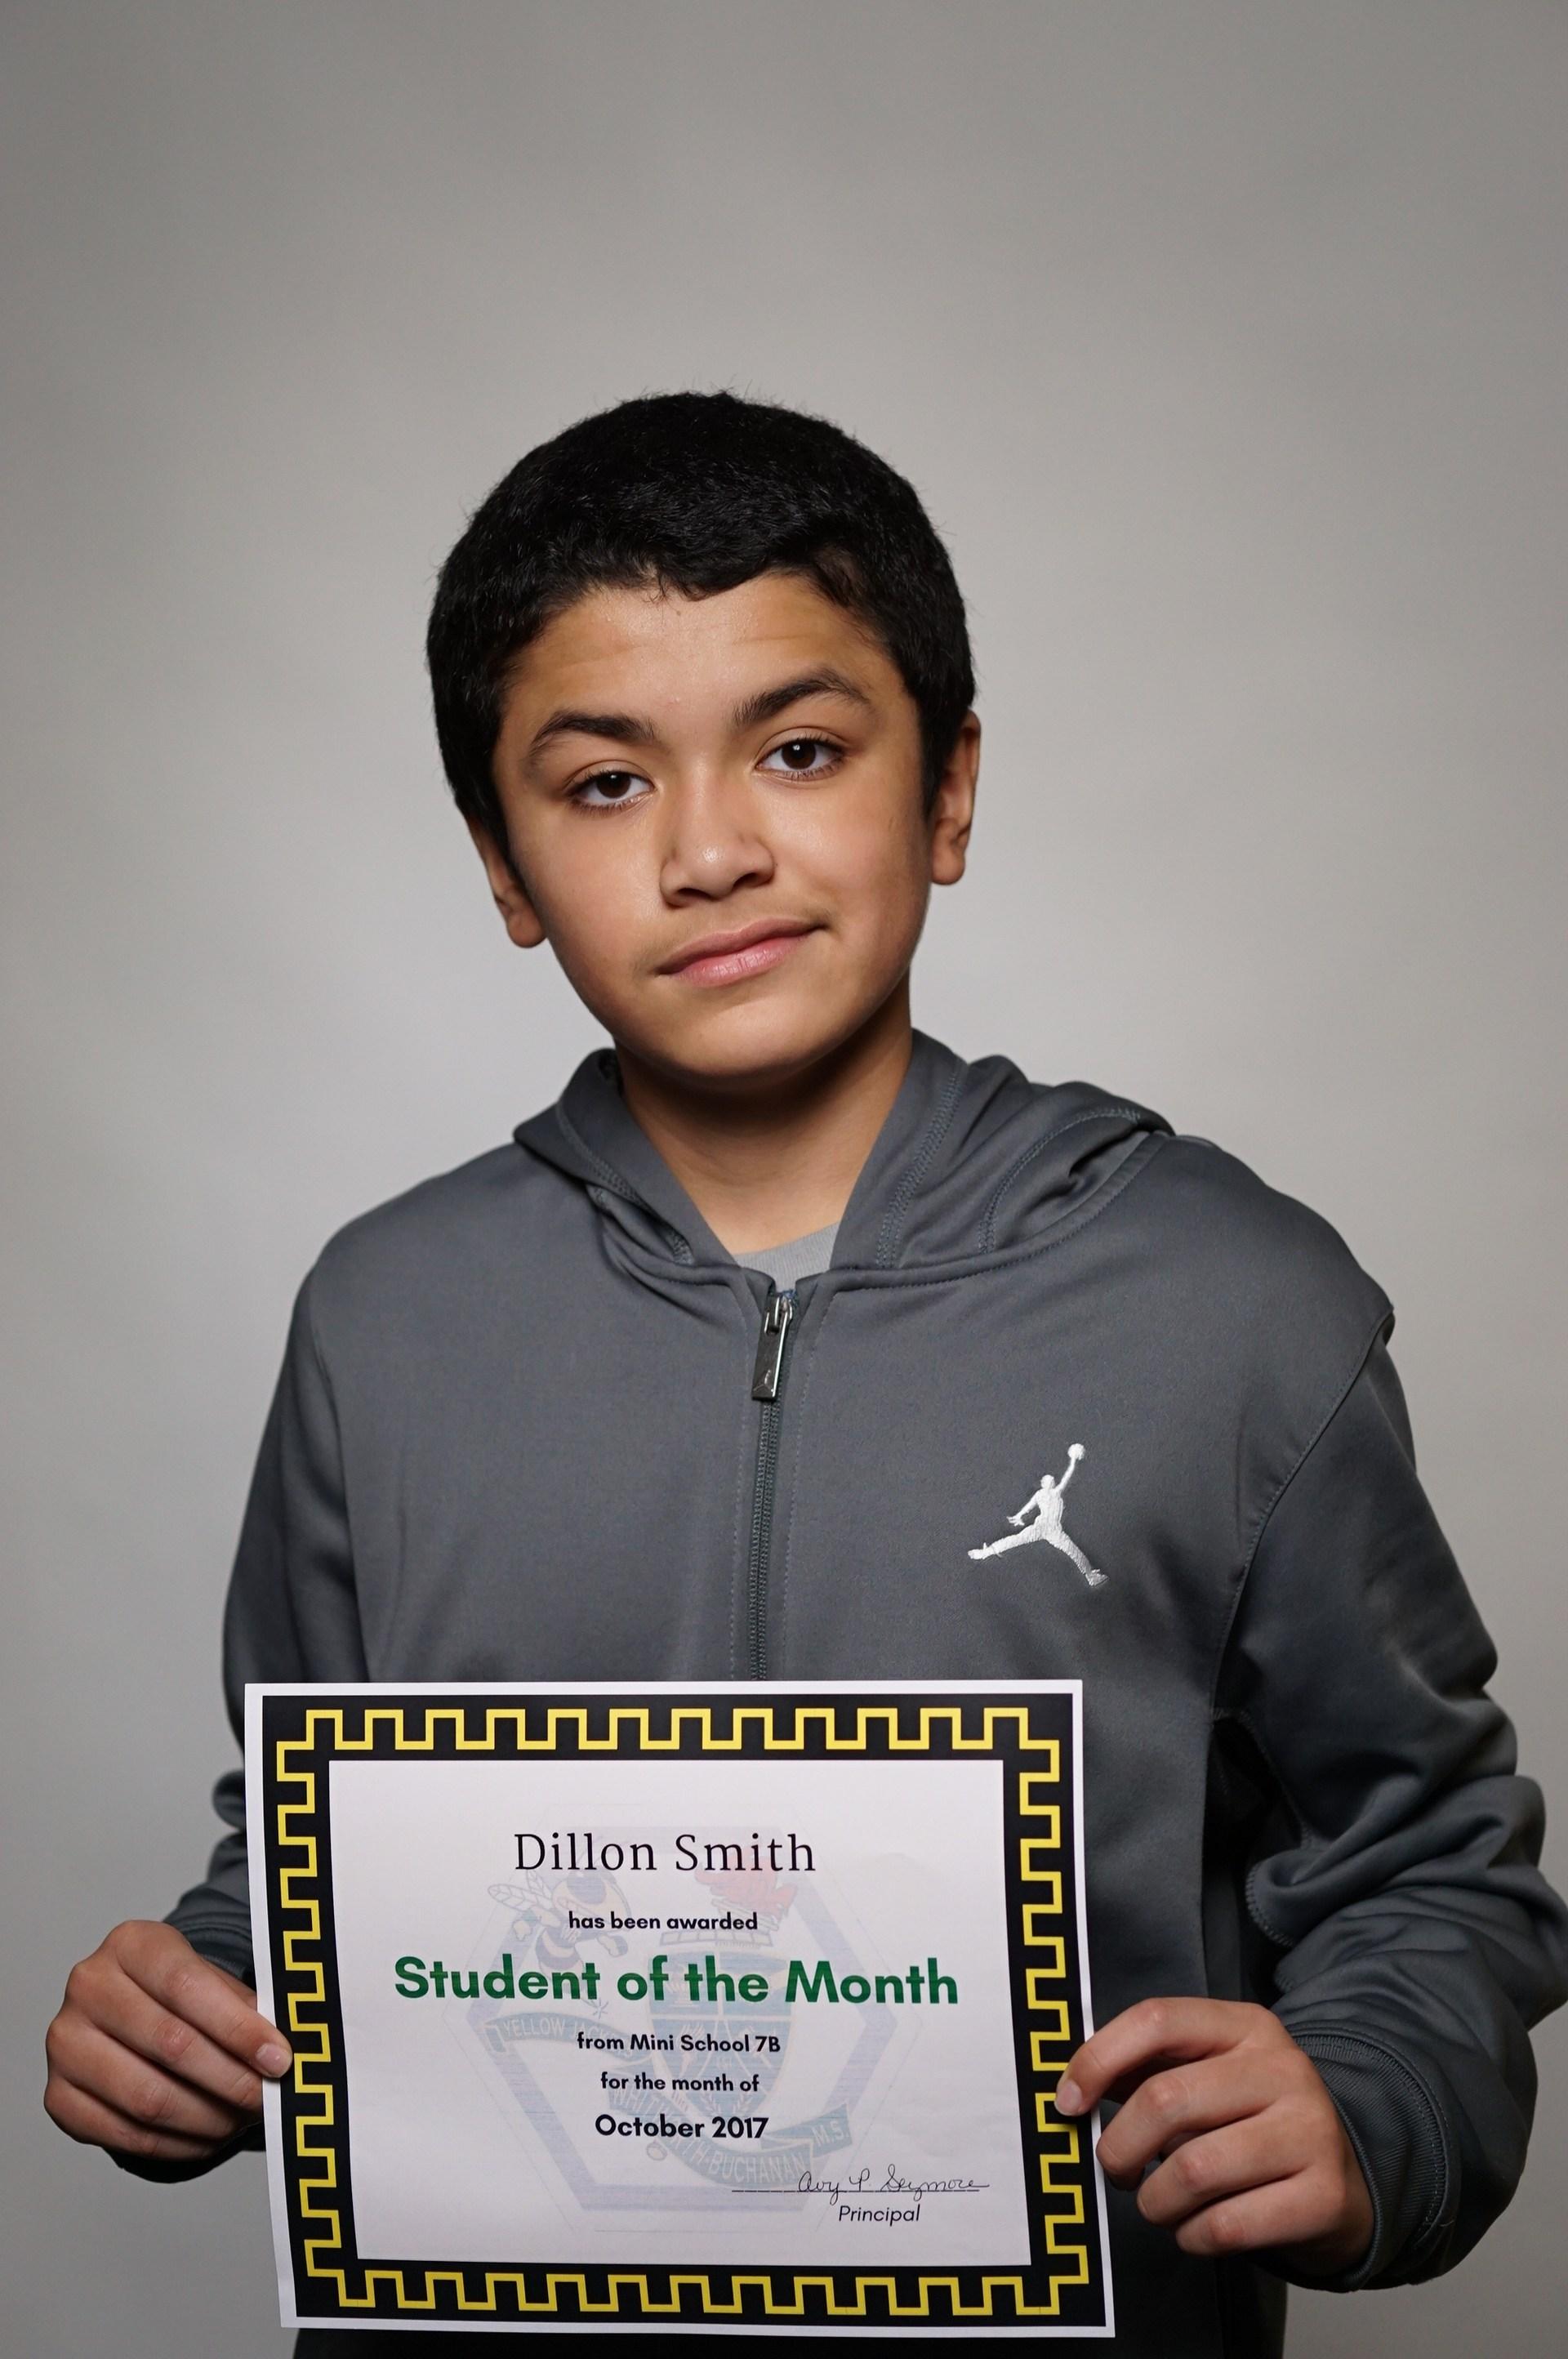 Dillon Smith